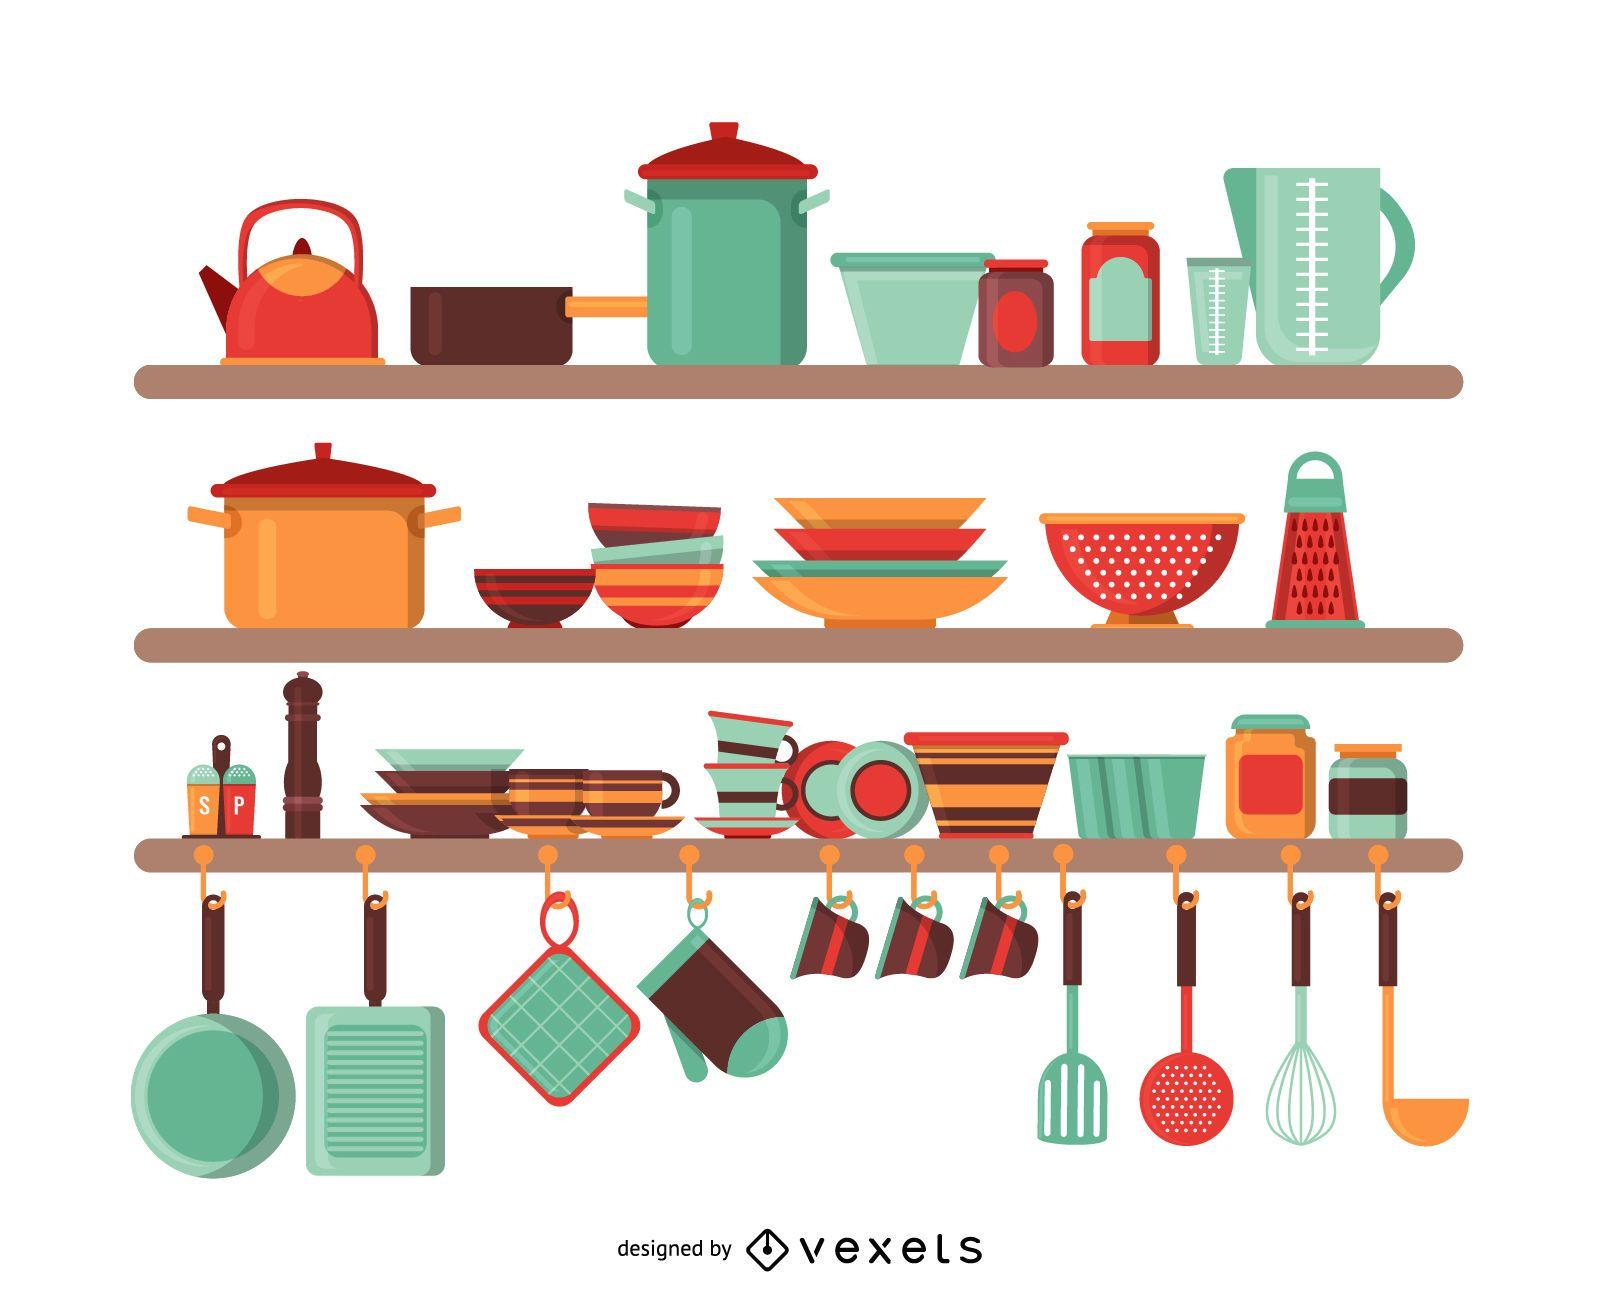 Ilustración de utensilios de cocina